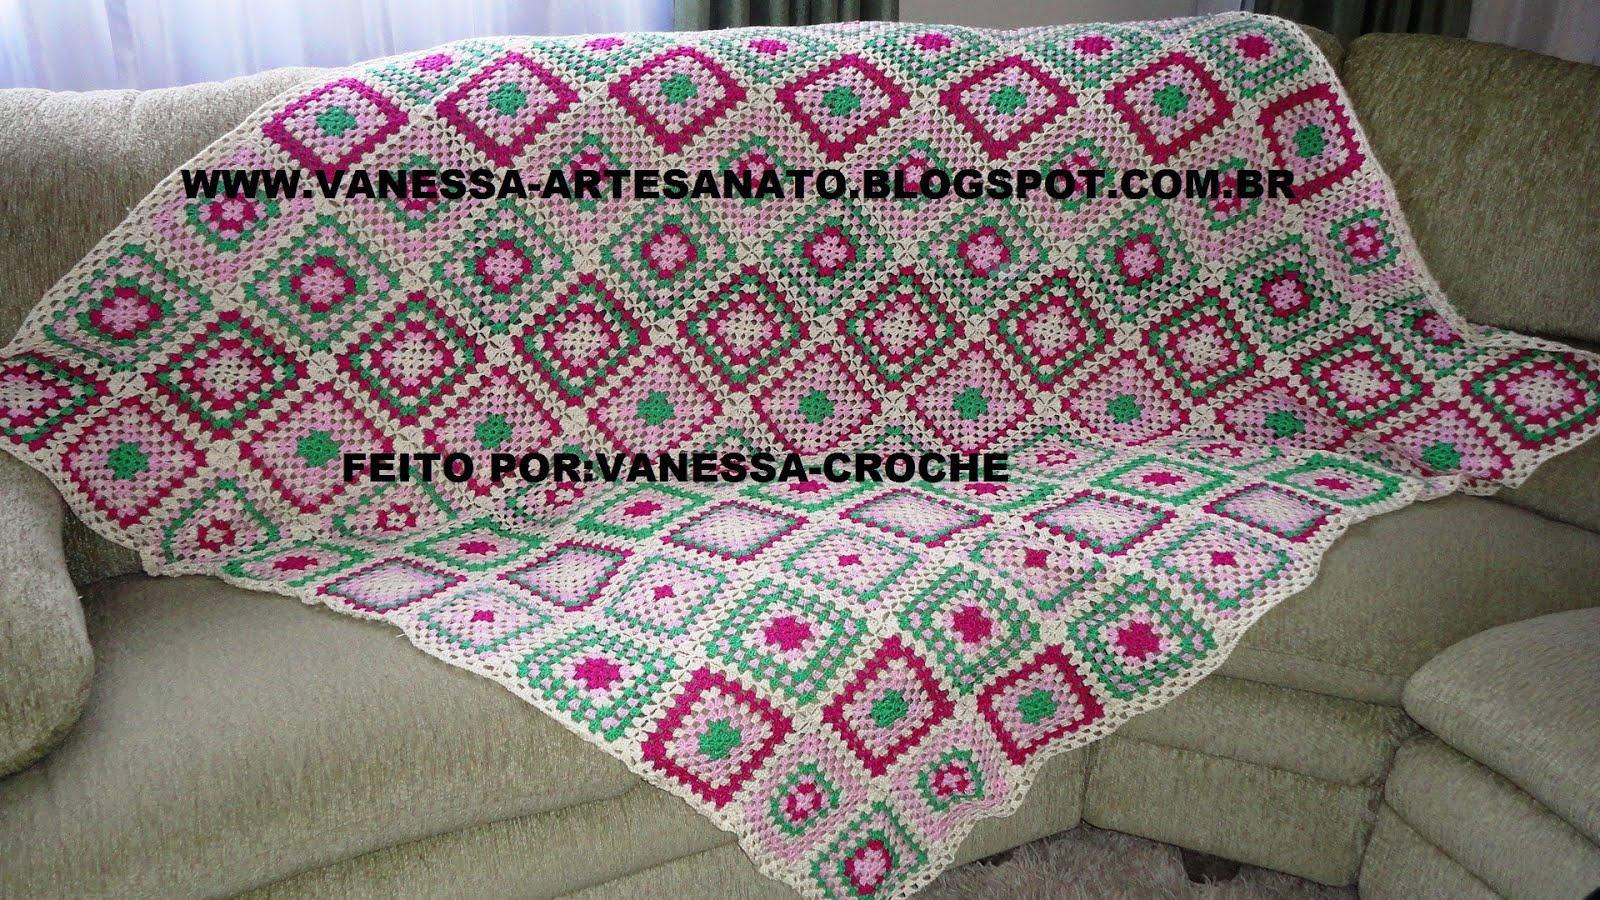 Vanessa croch manta de sof de croche - Manta de sofa ...